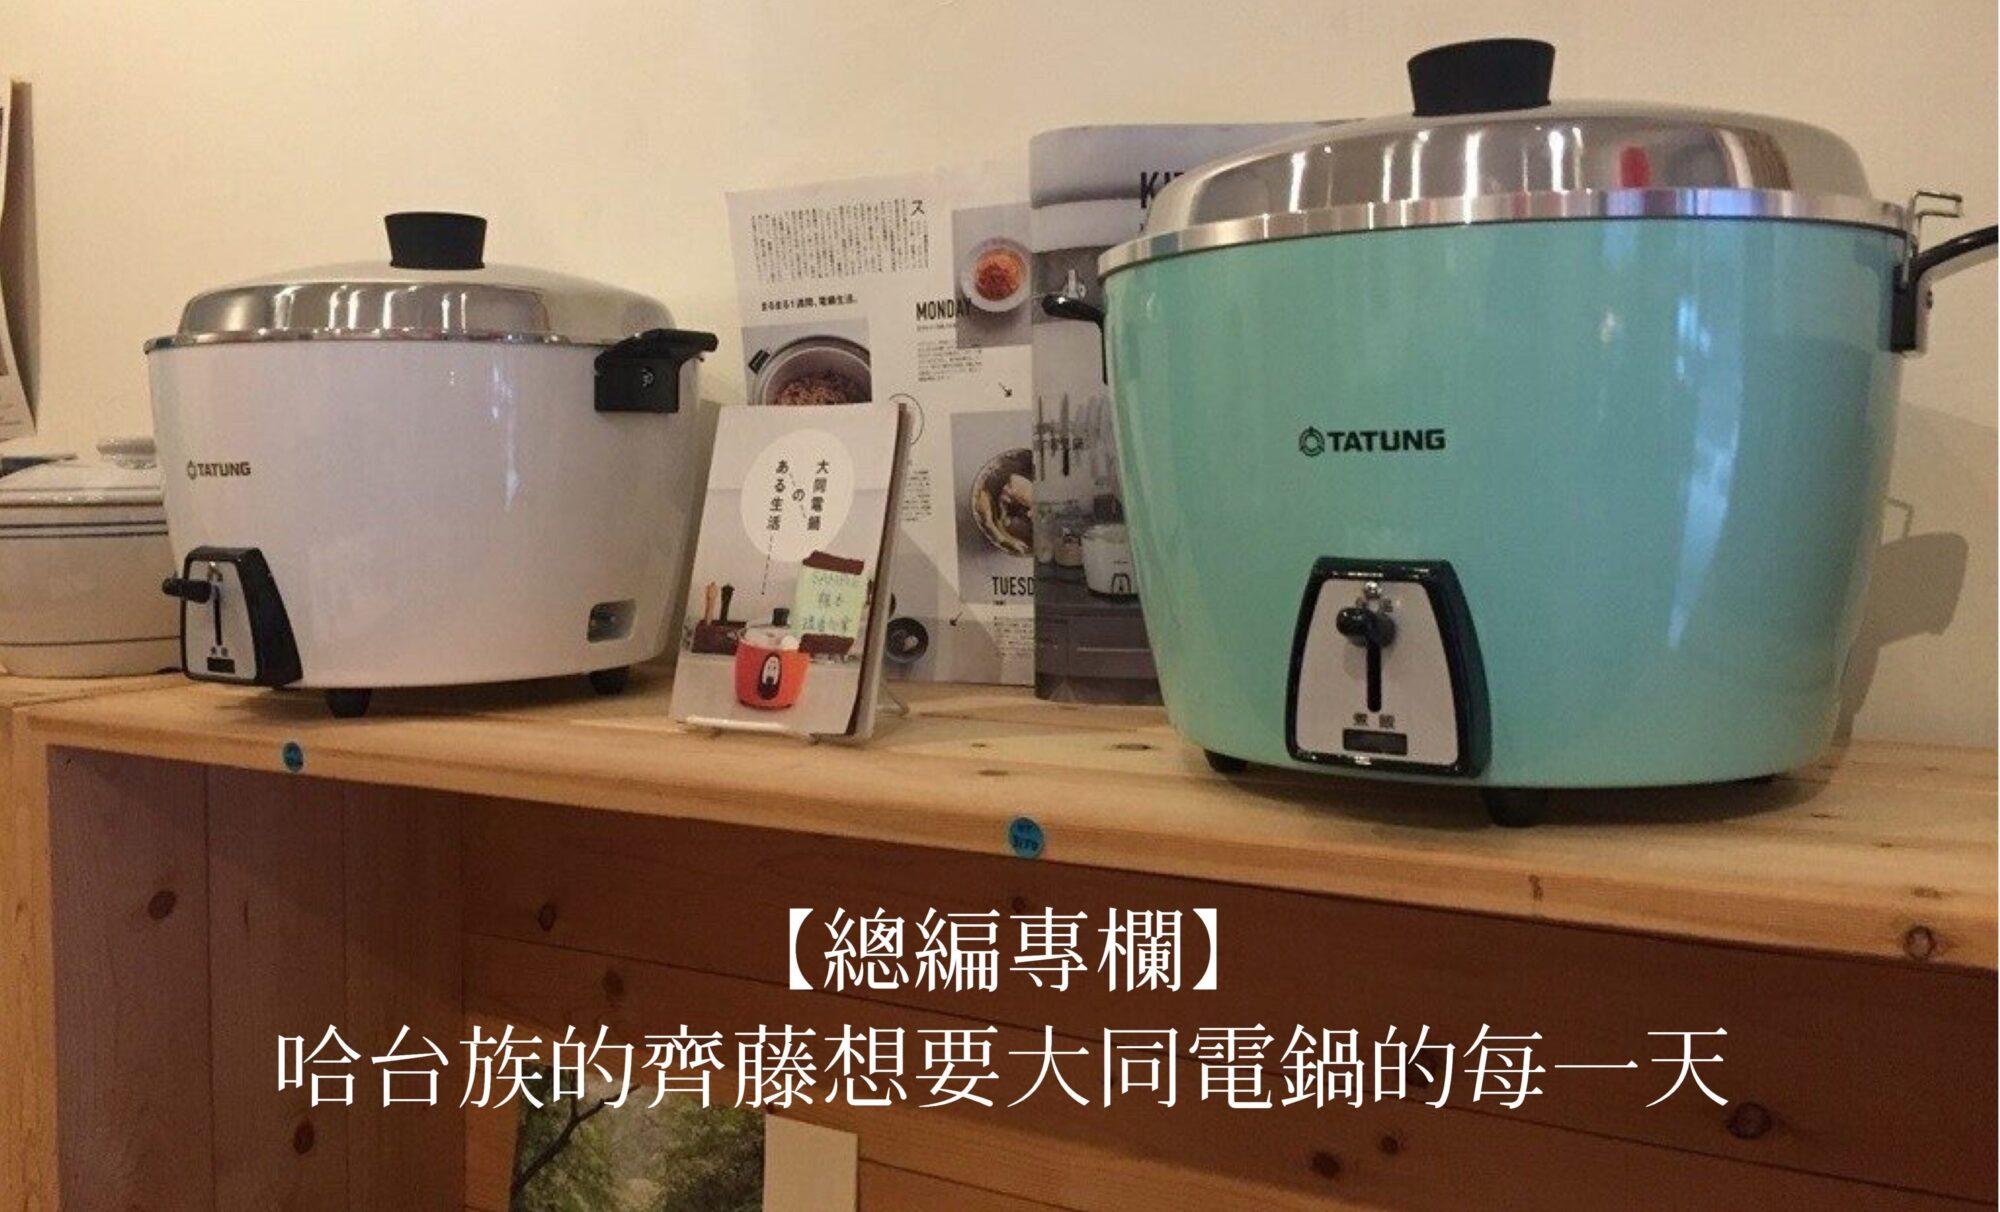 【總編專欄】哈台族的齊藤想要大同電鍋的每一天